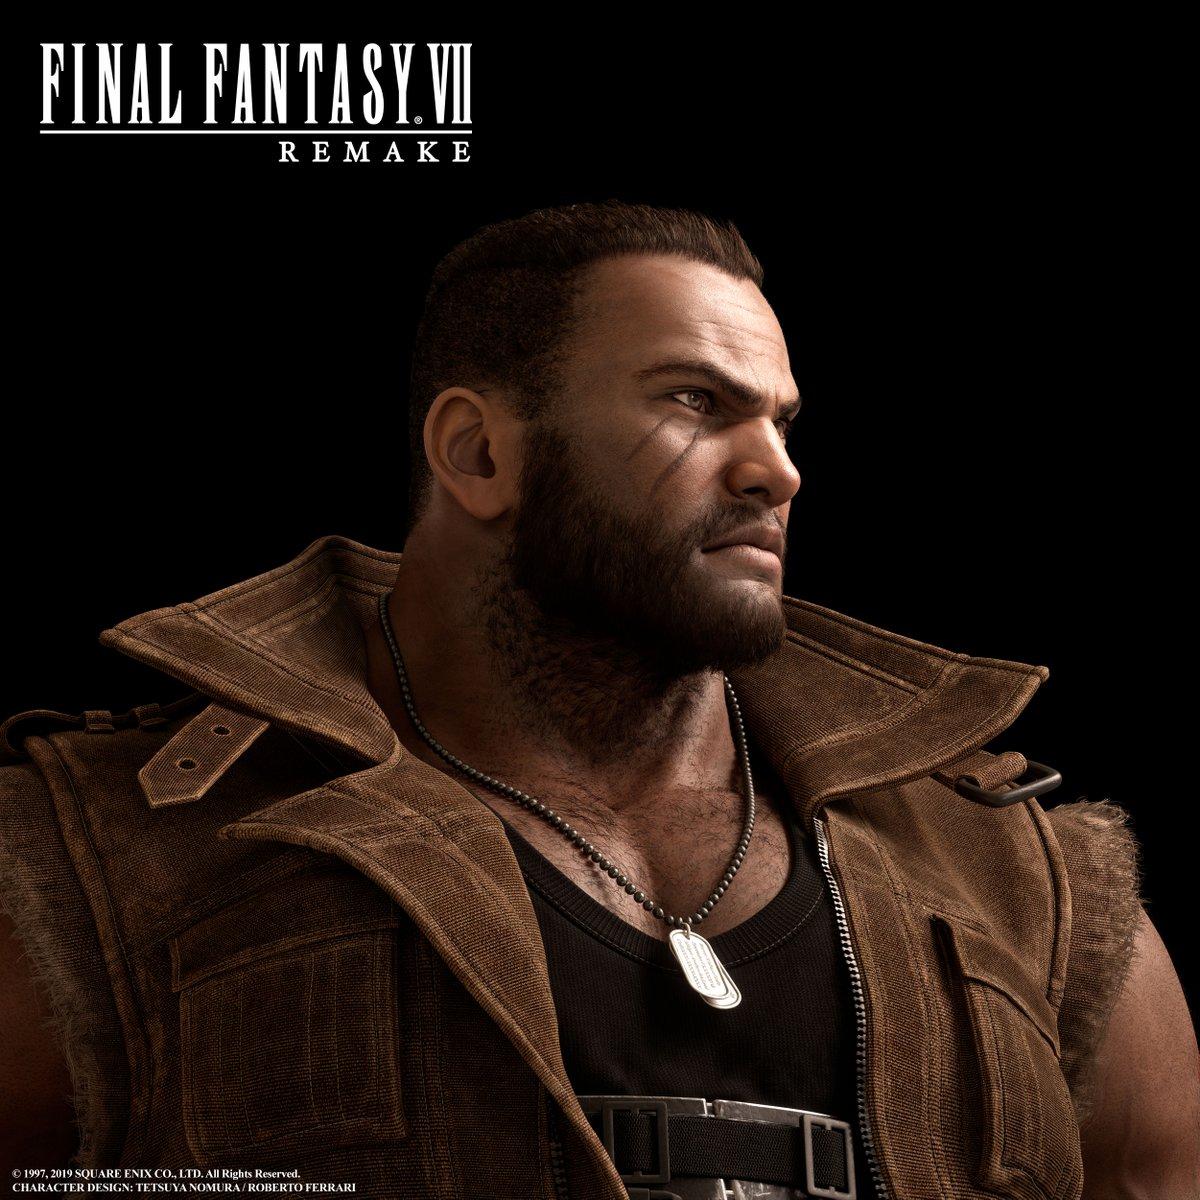 High Resolution Final Fantasy Vii Remake Character Renders E32019 Final Fantasy Vii Remake Final Fantasy Vii Final Fantasy